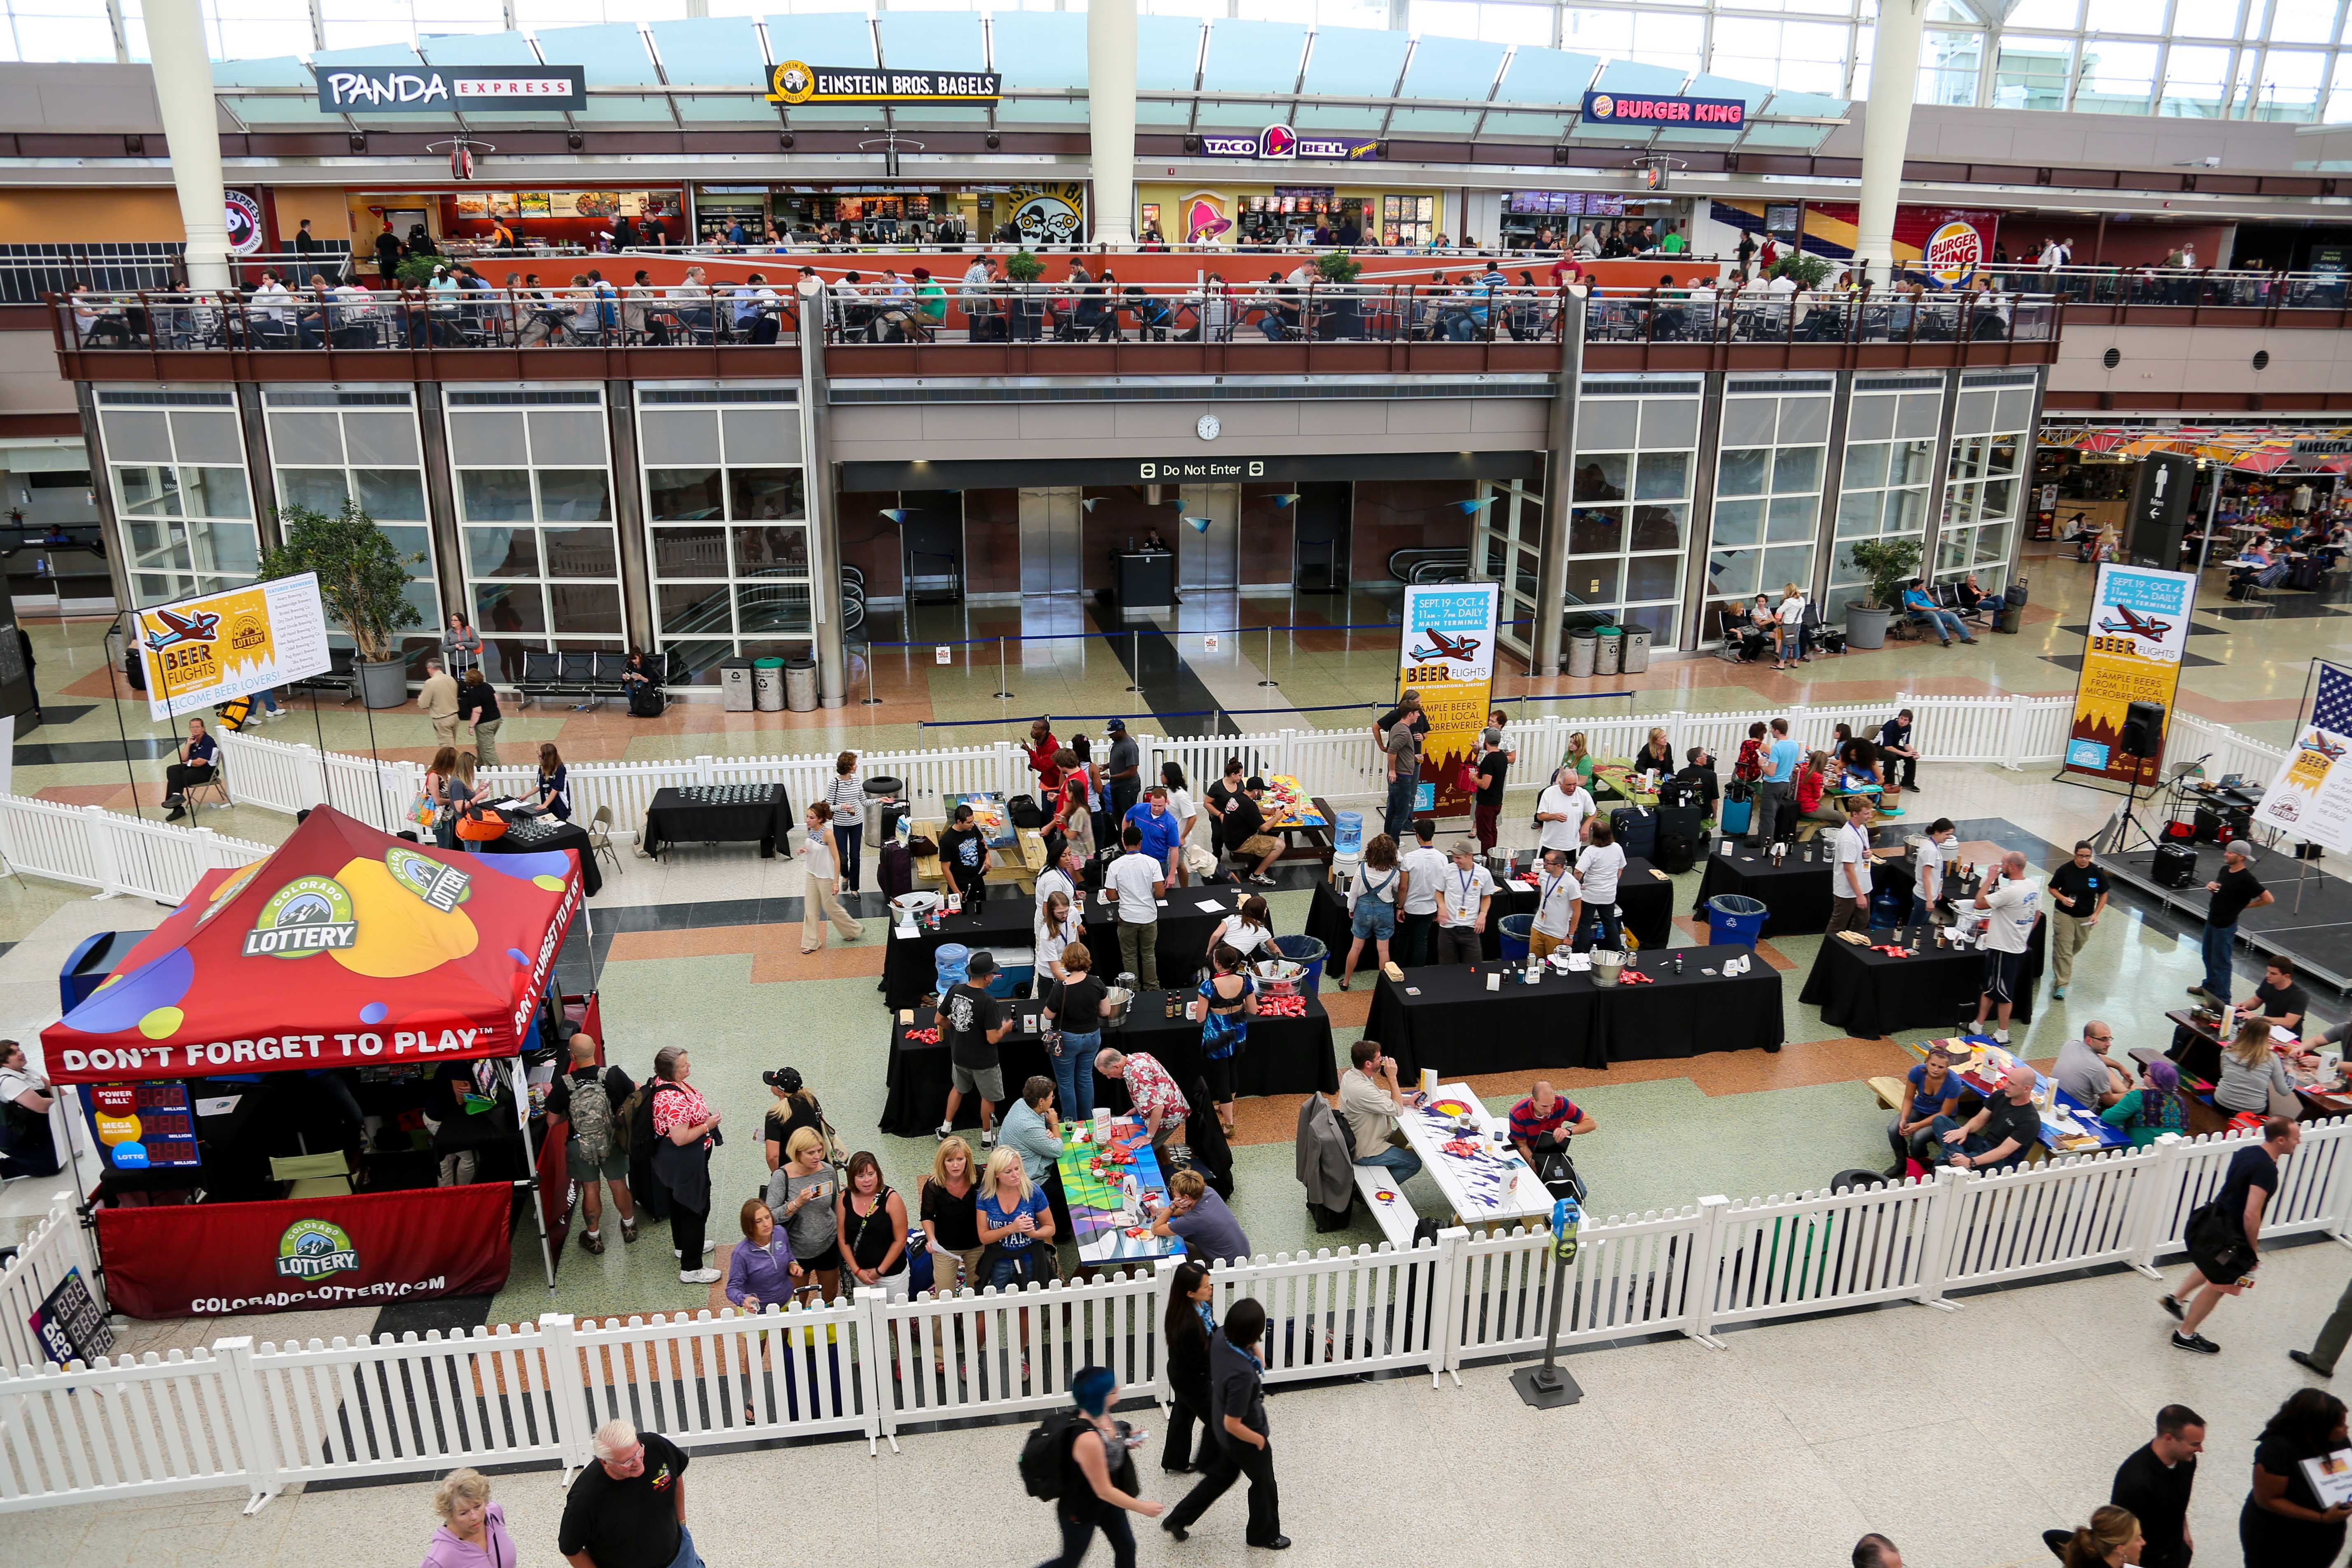 Beer Flights at DIA Cruise vacation, Denver airport